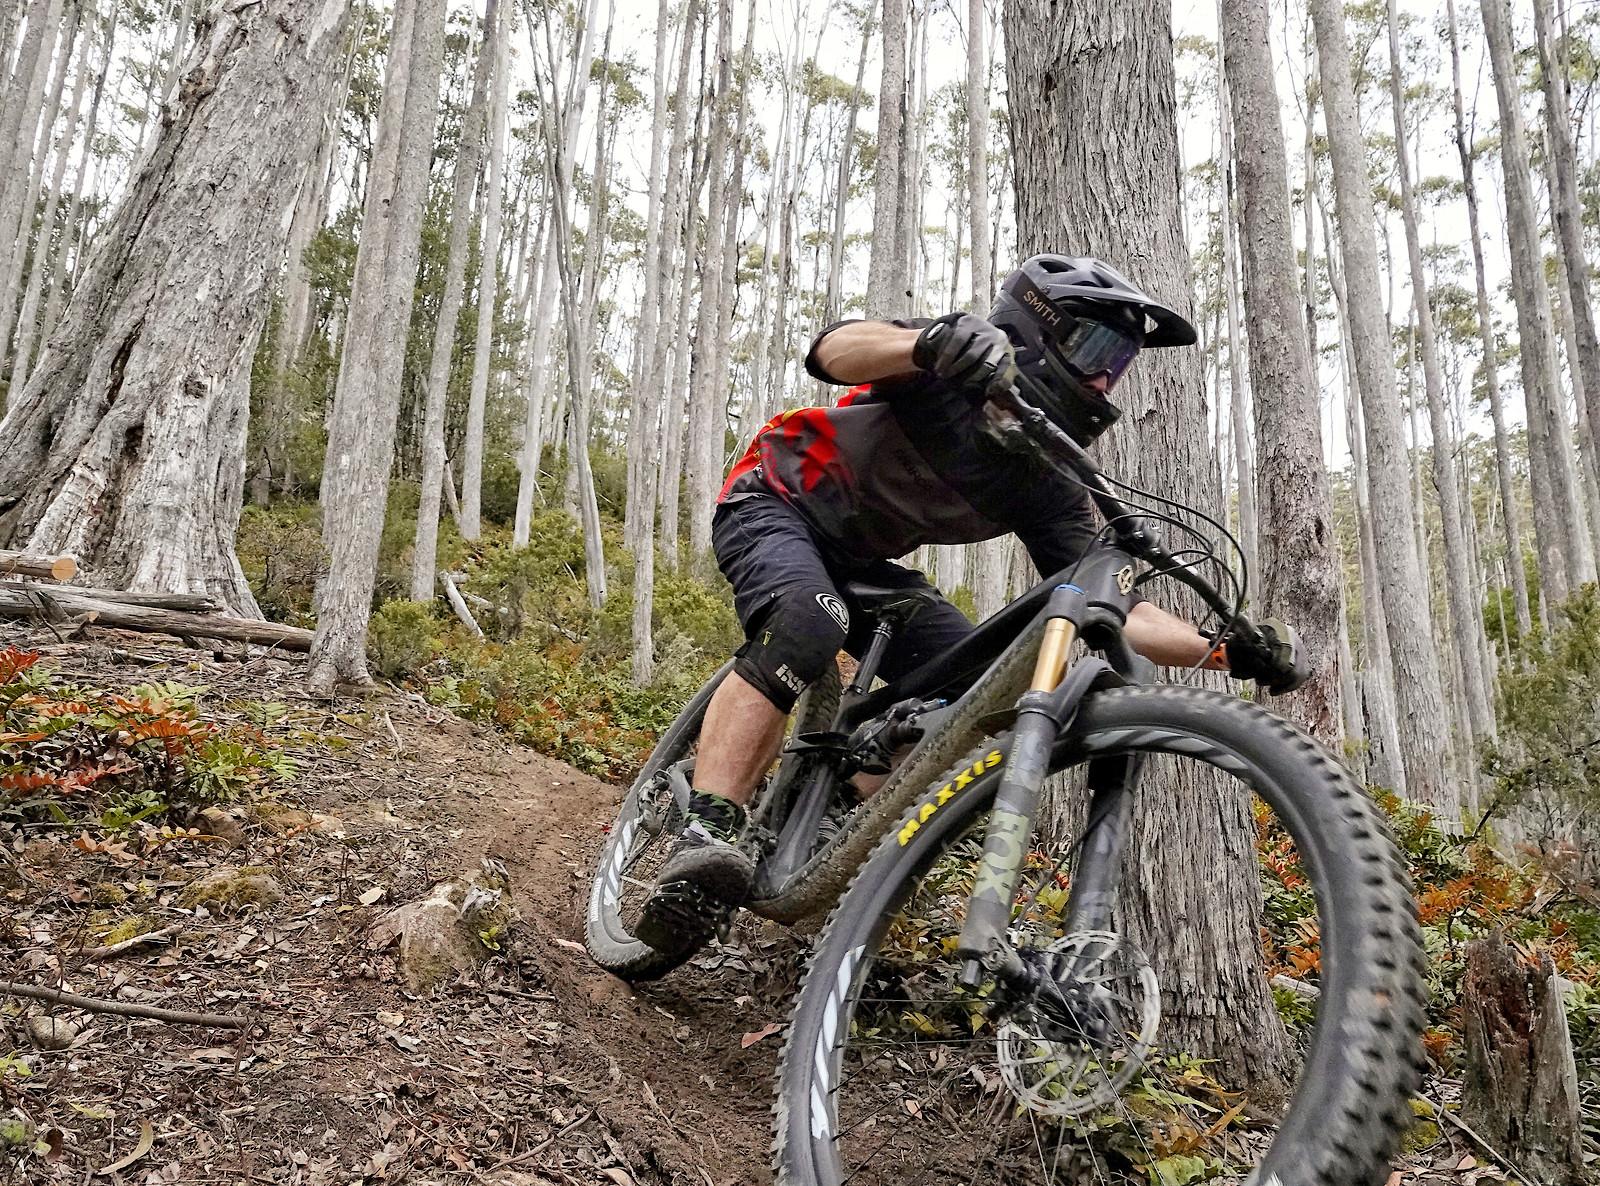 Styx & Stones, Maydena Bike Park - digitalhippie - Mountain Biking Pictures - Vital MTB